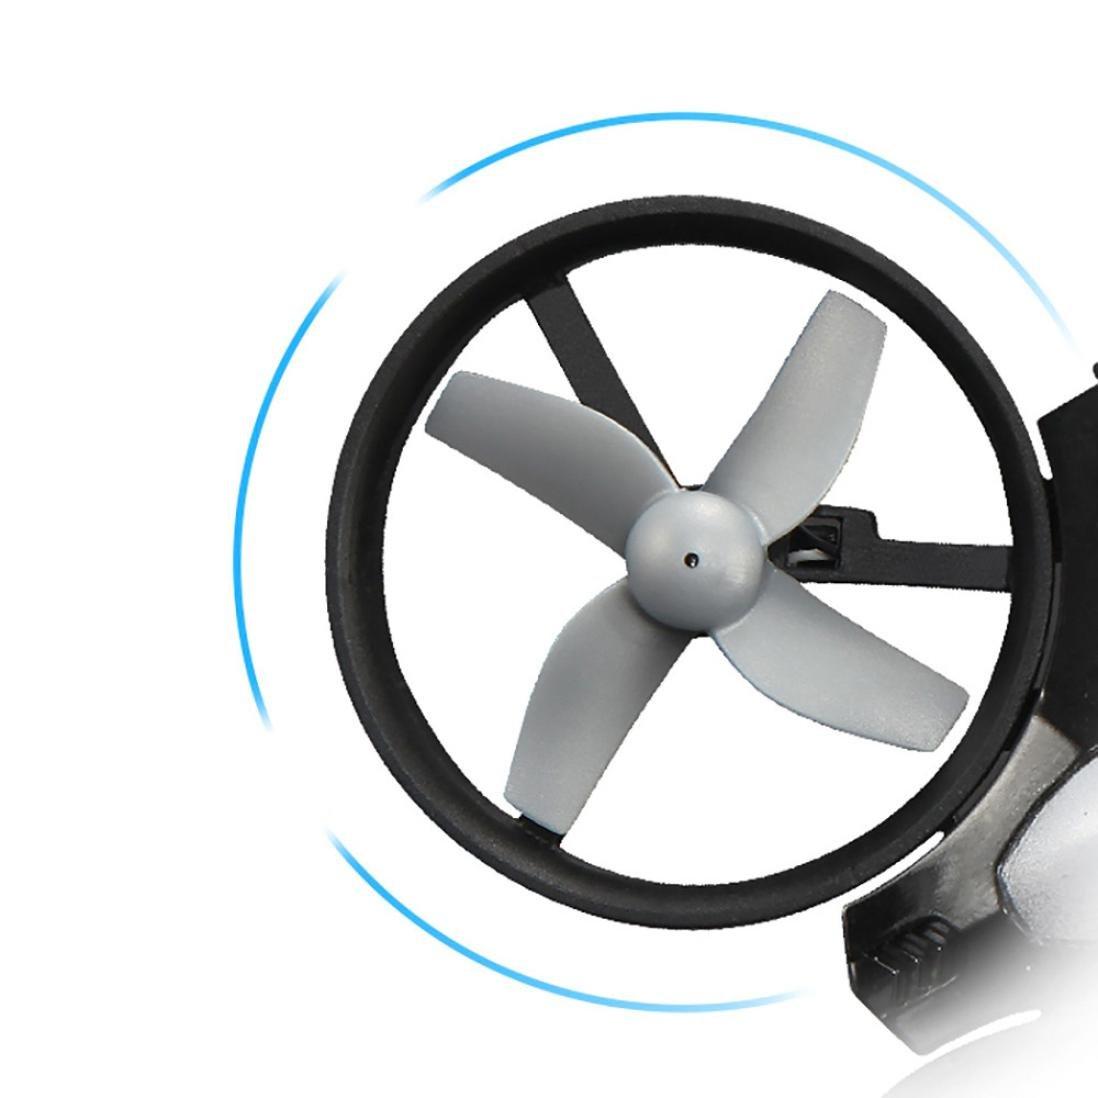 mchoice JJRC h36 6-axisジャイロヘッドレスモードミニRCクアッドコプターRTF 2.4 GHz  グレー B06XRRRZMT